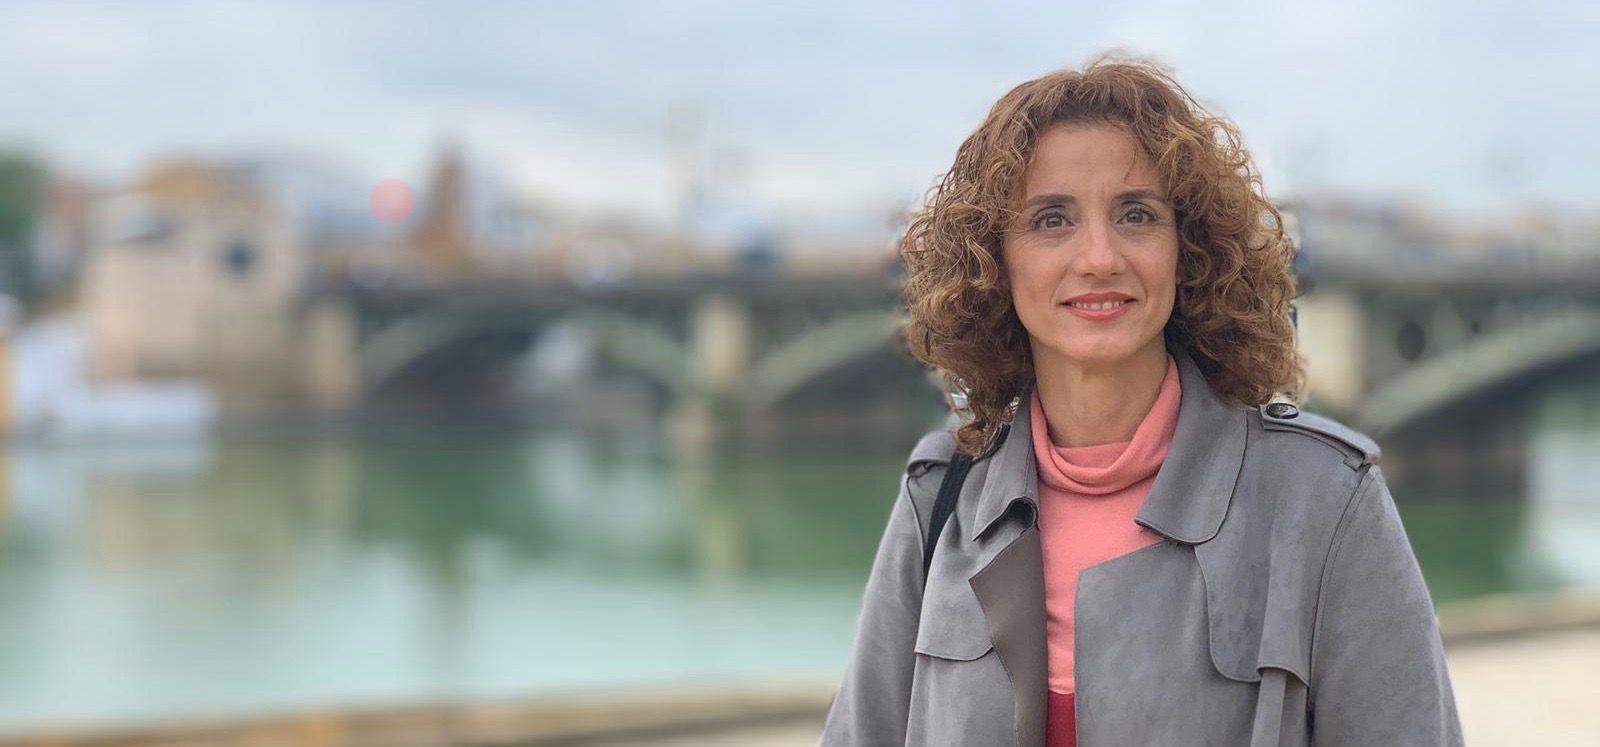 Beatriz García Reyes Everyone